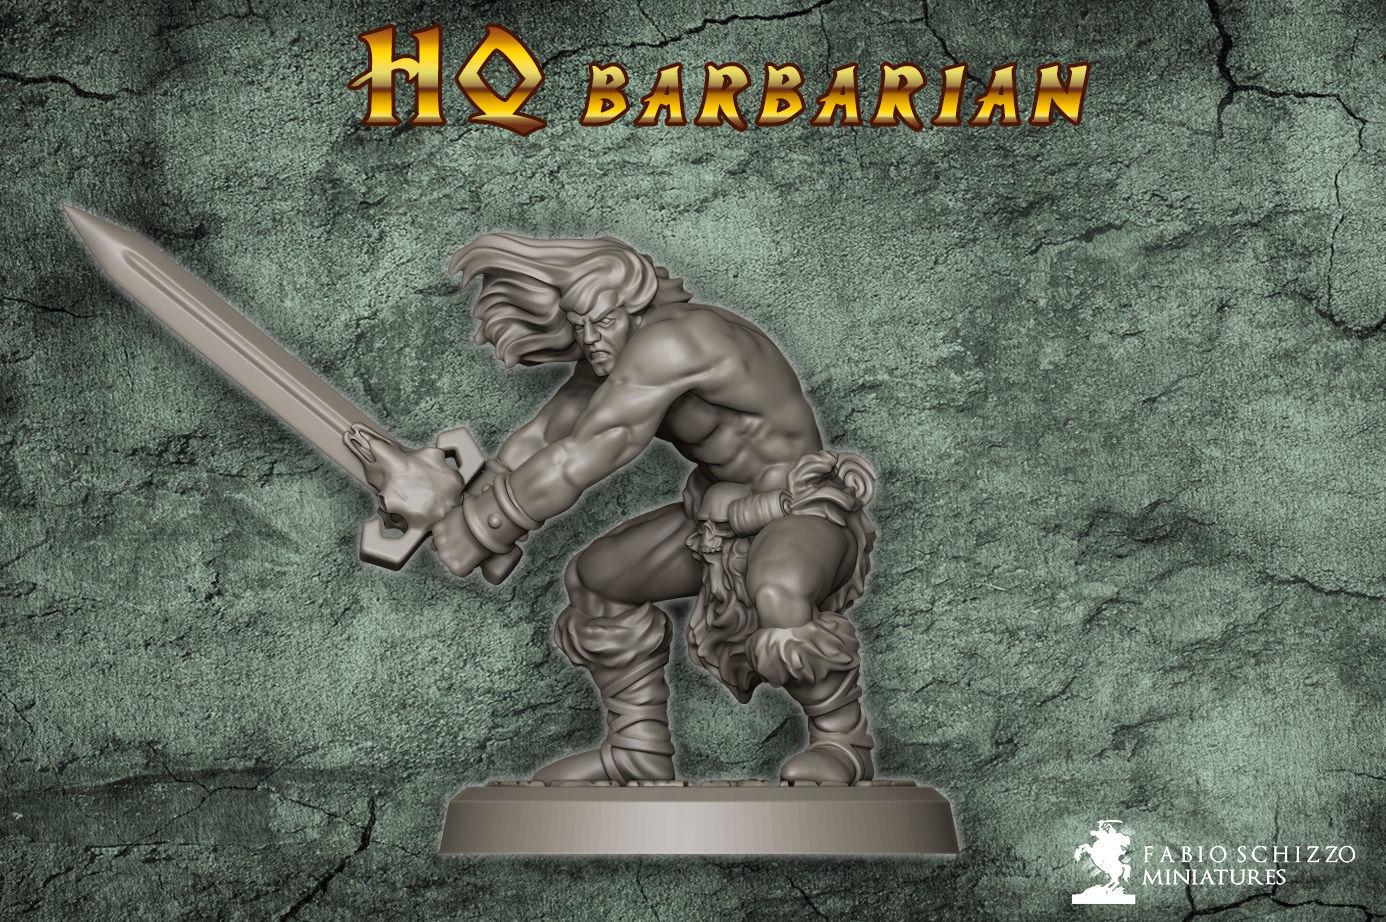 Classic Barbarian